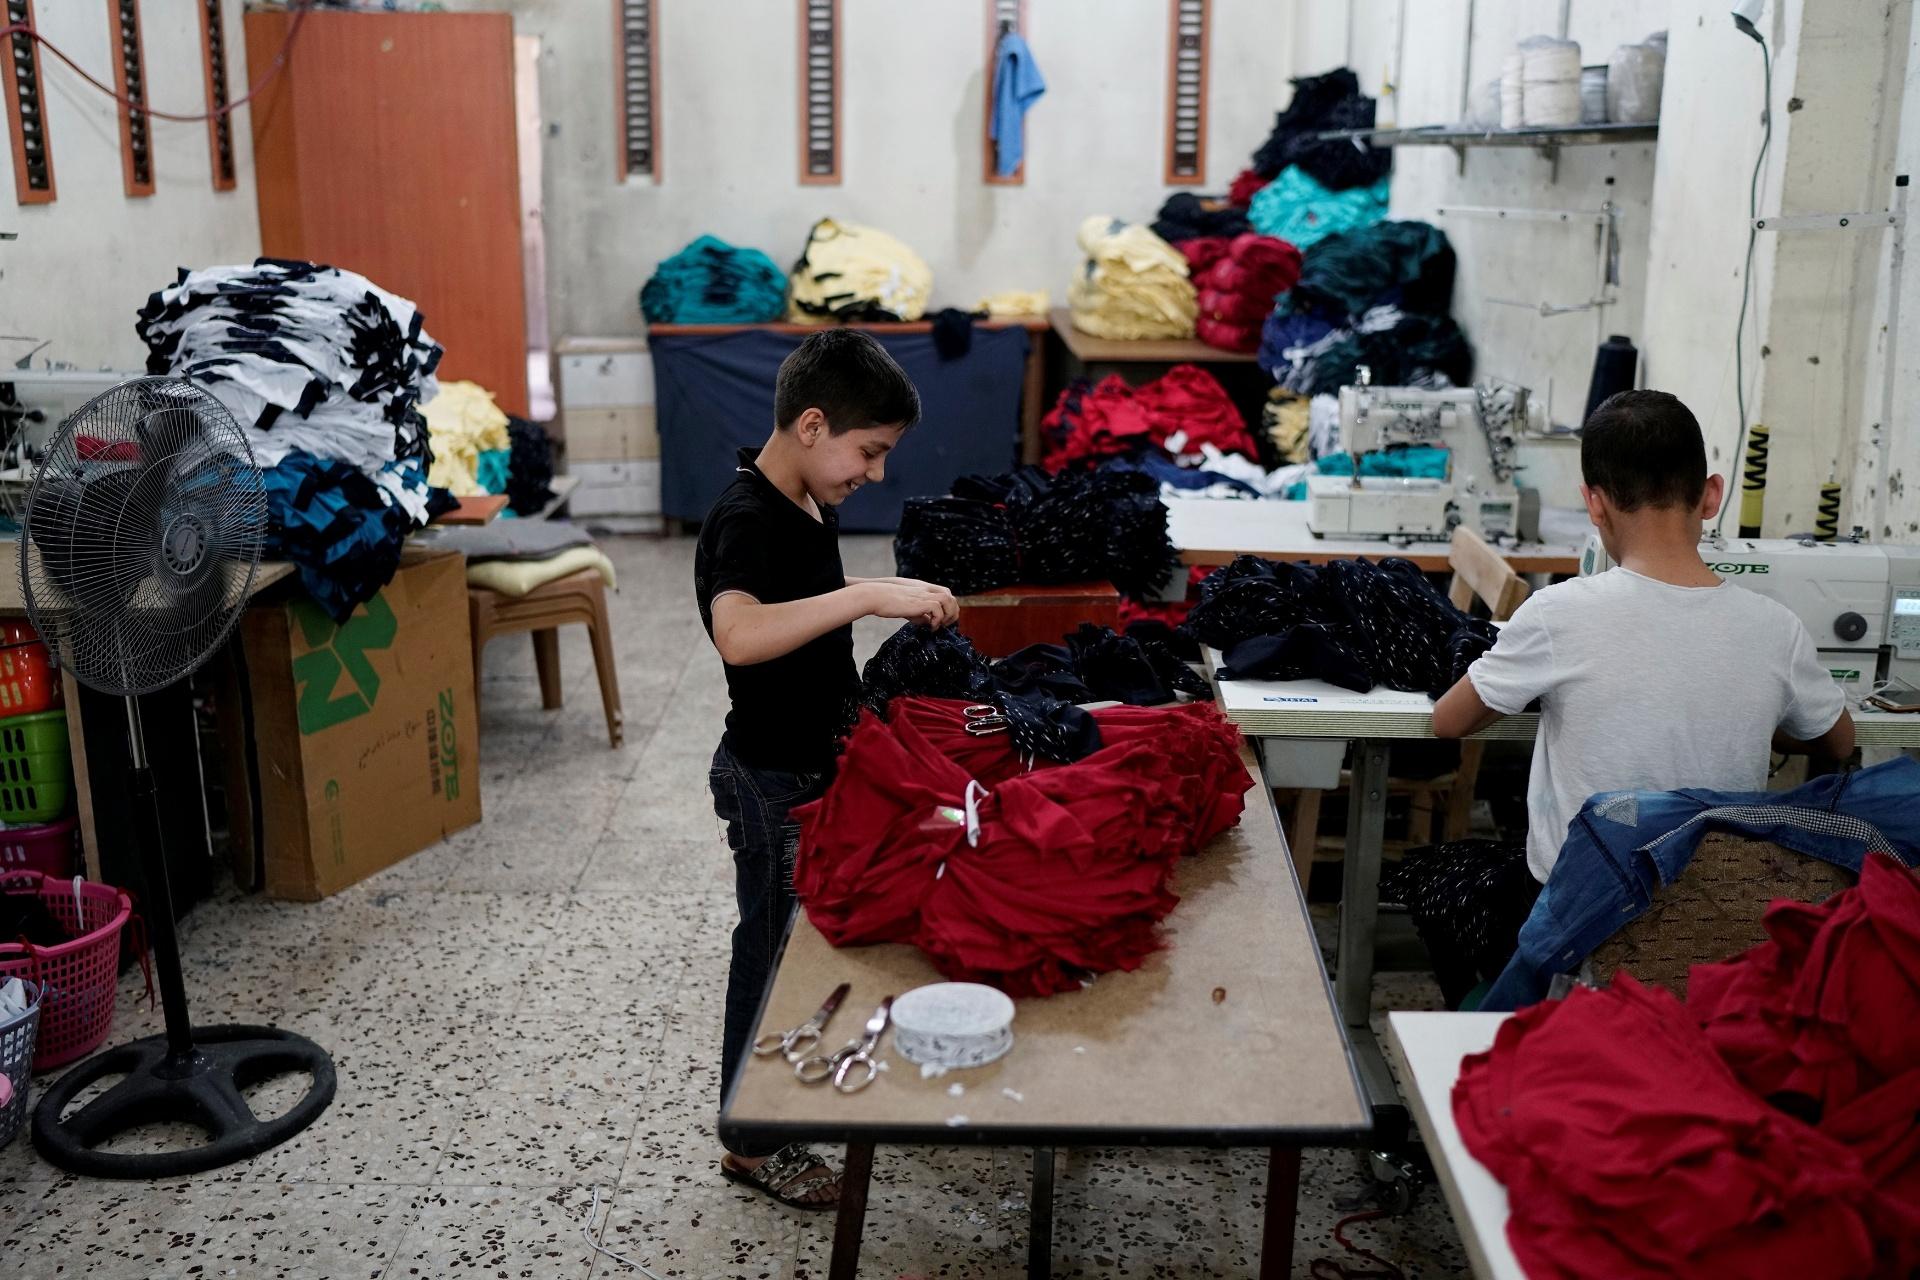 Trabalho infantil de refugiados sírios na Turquia